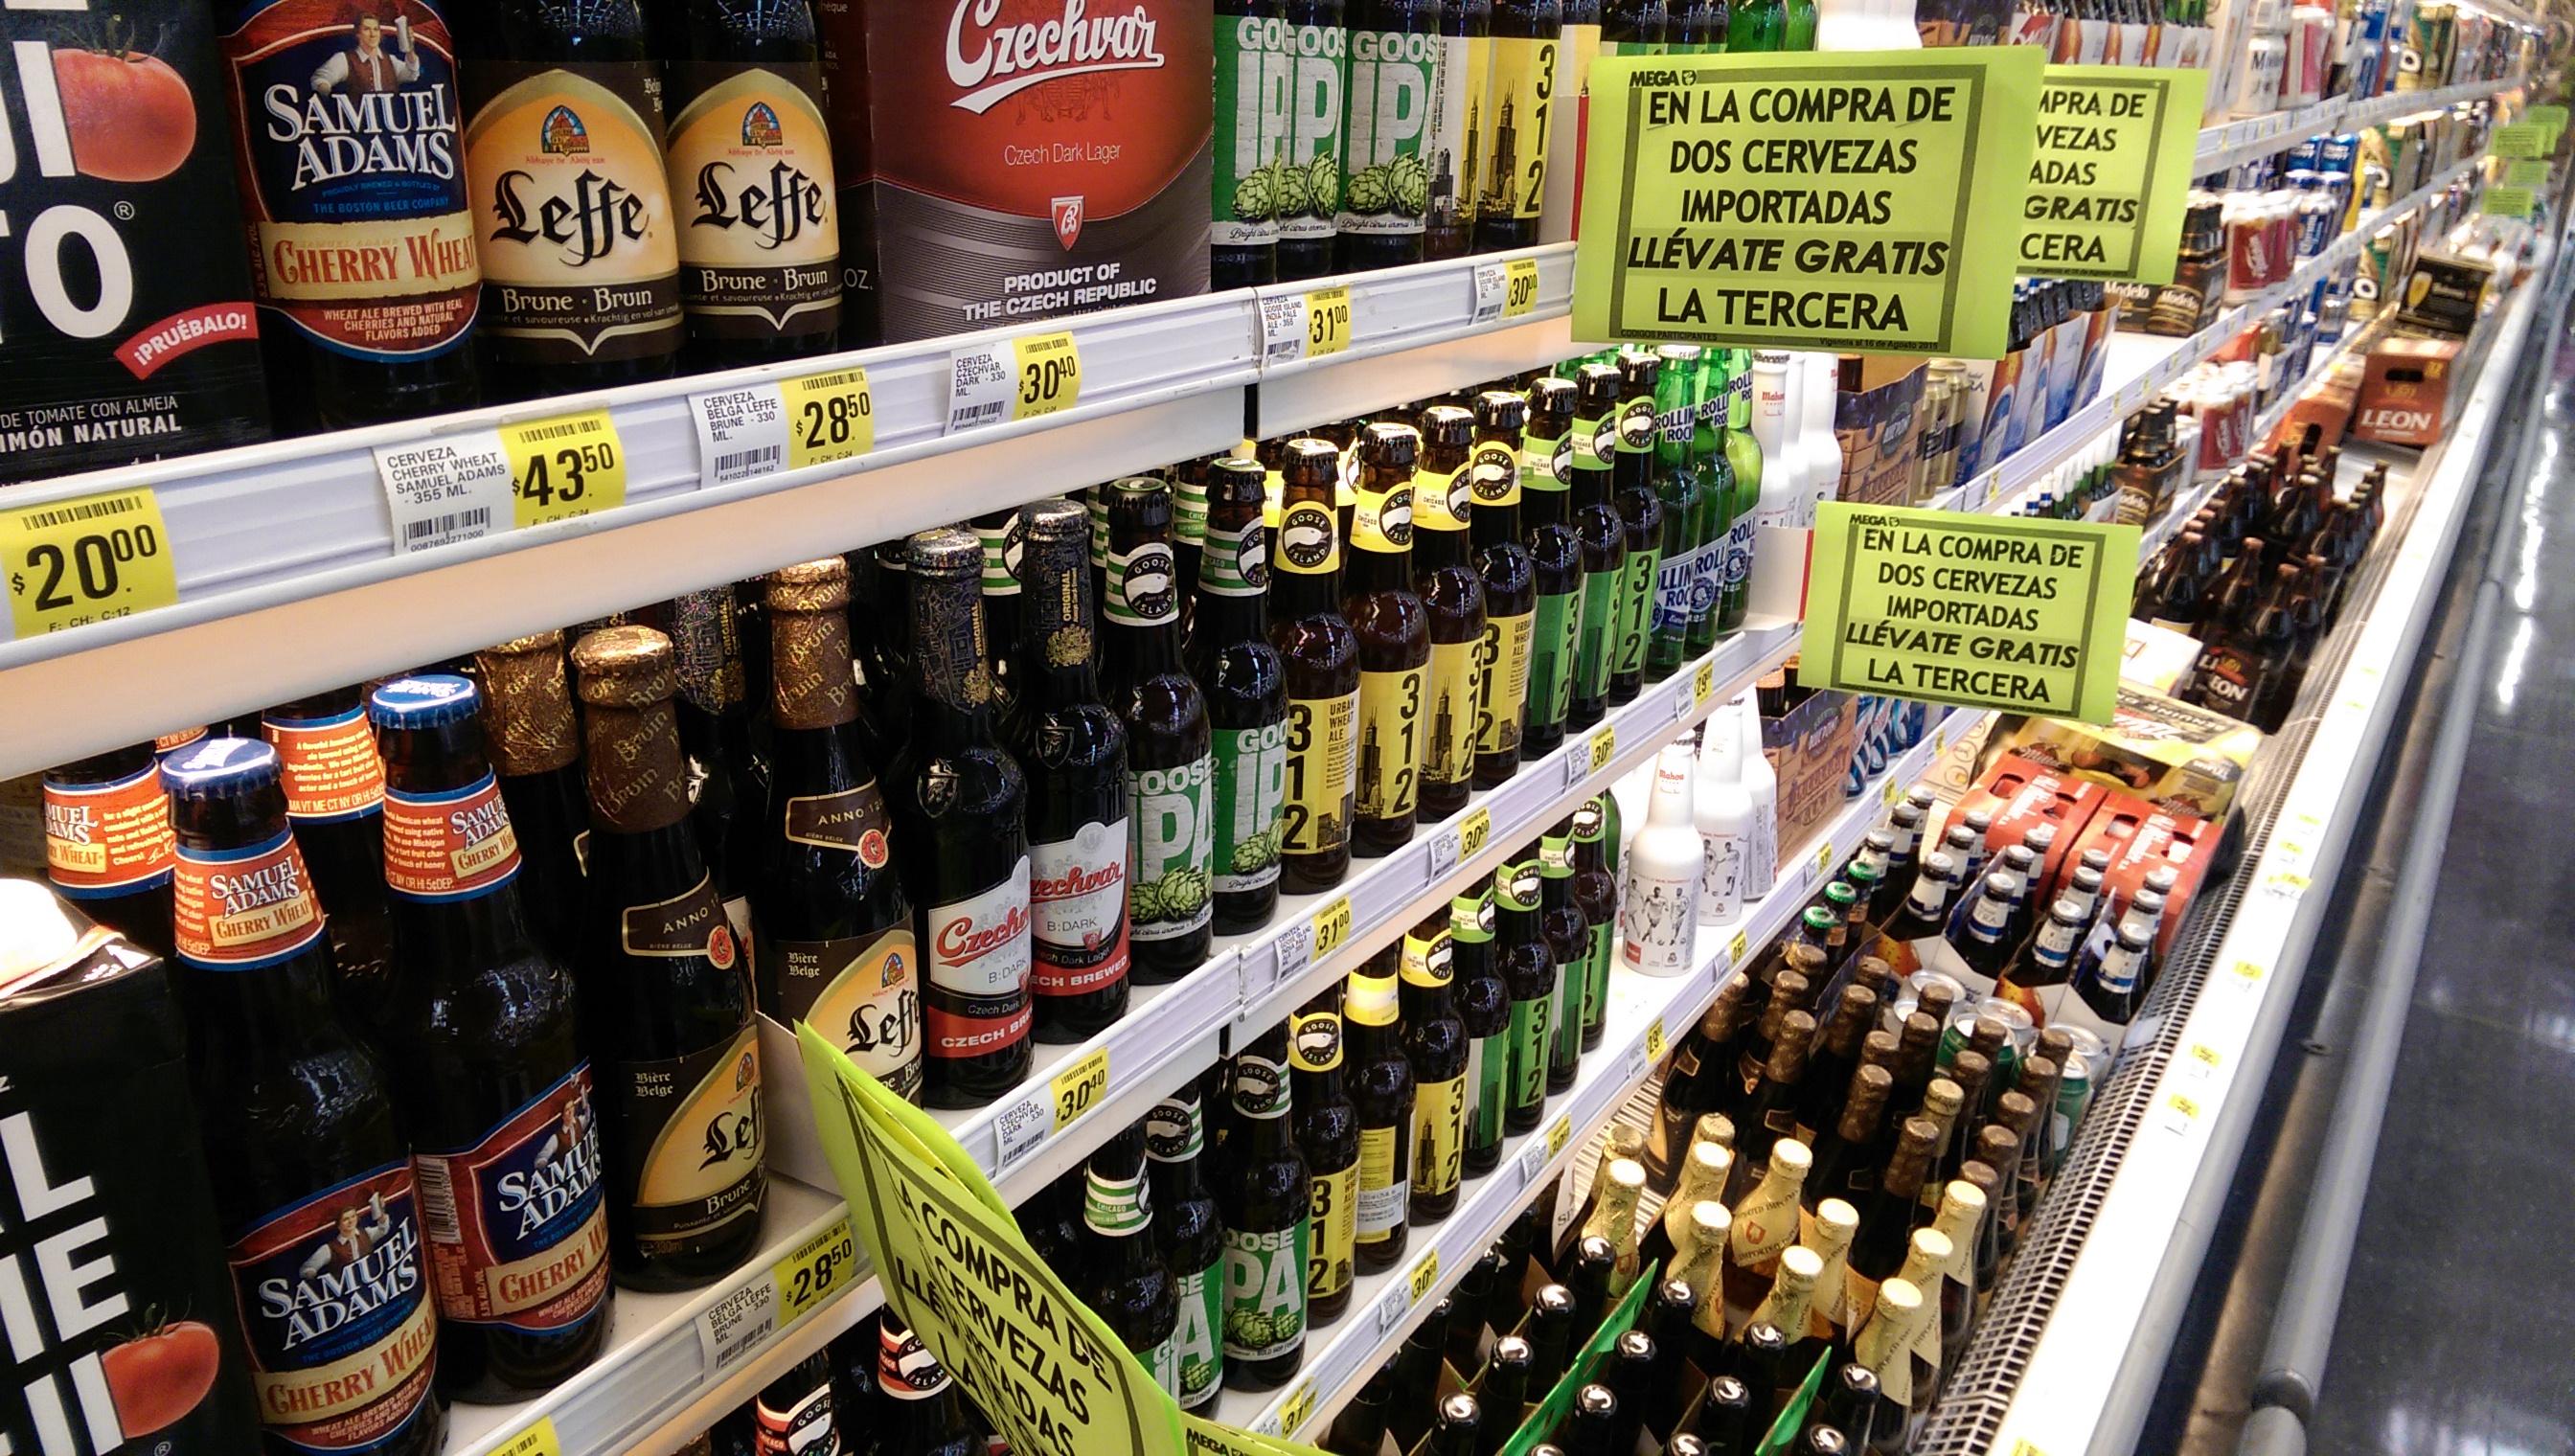 La Comer: Cervezas importadas al 3x2